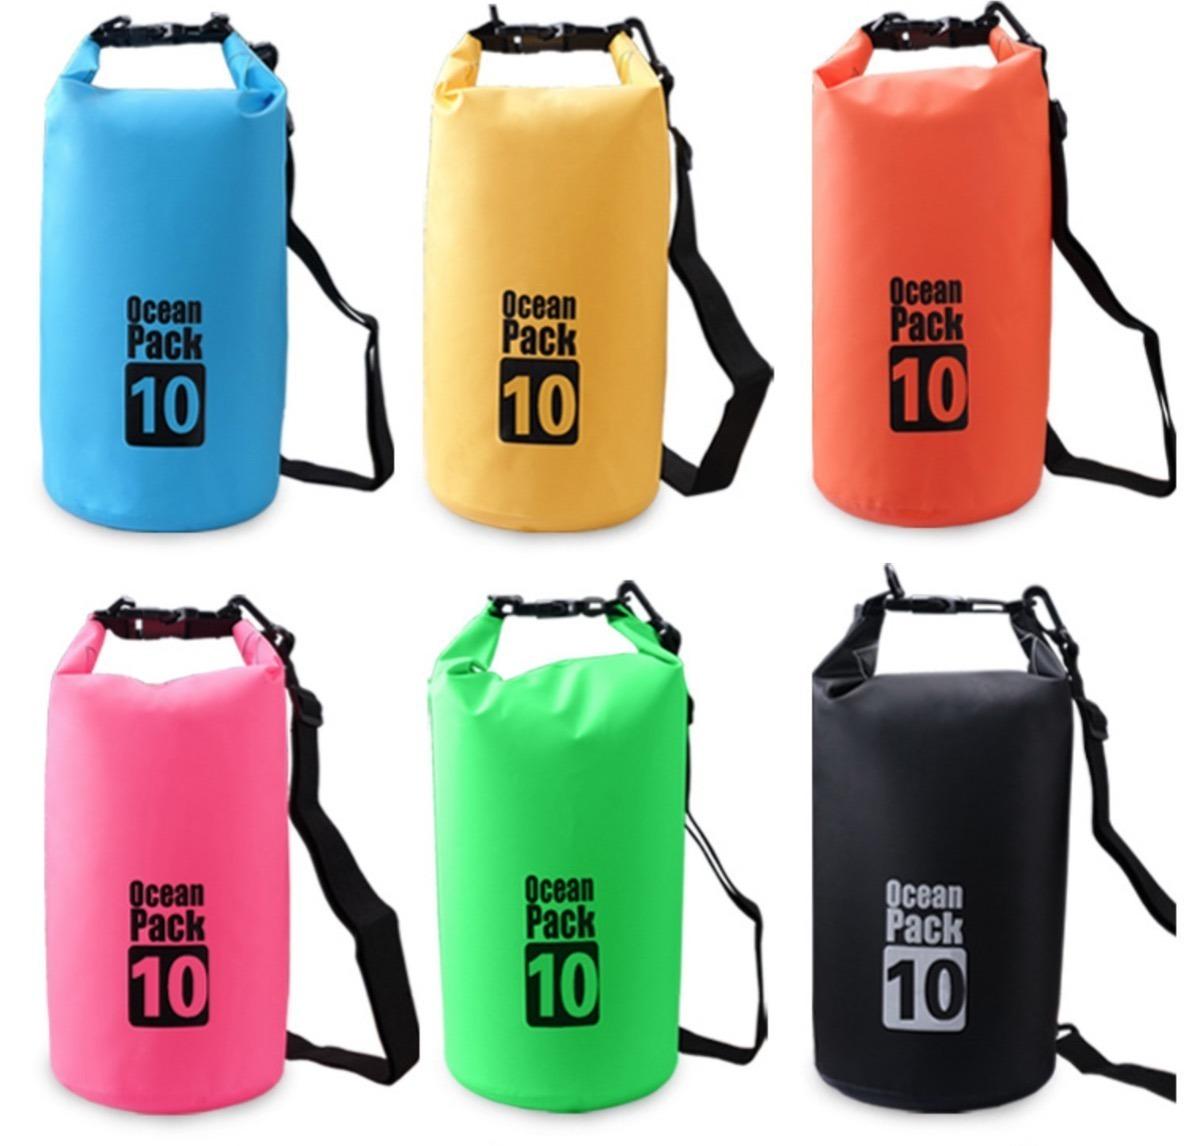 70ef4db16 saco a prova d'agua 10 litros kit c/3 bolsas frete grátis. Carregando zoom.